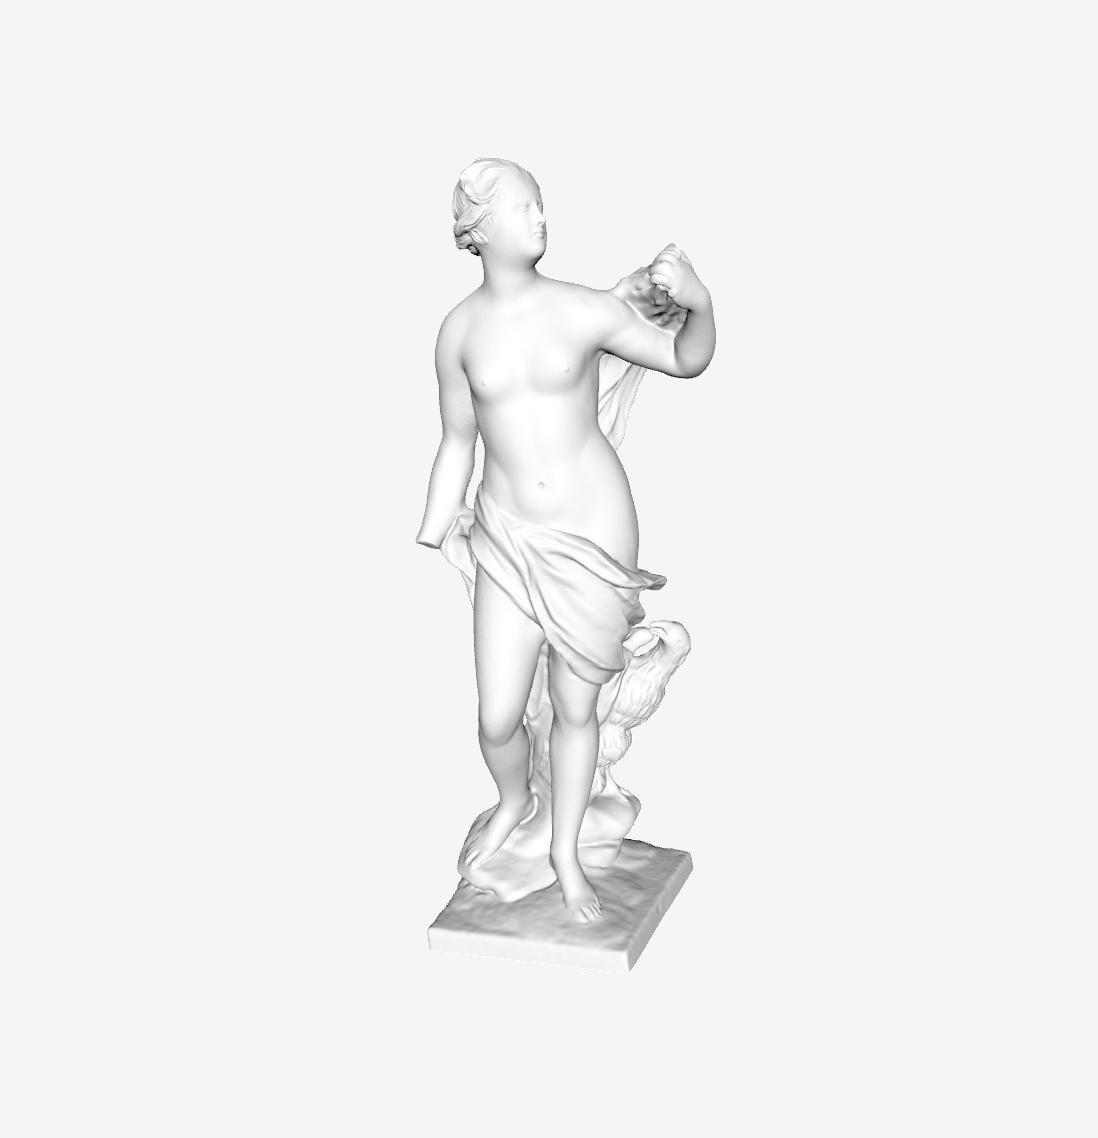 Capture d'écran 2018-09-21 à 12.02.04.png Download free STL file Pomona at The Louvre, Paris • 3D print model, Louvre